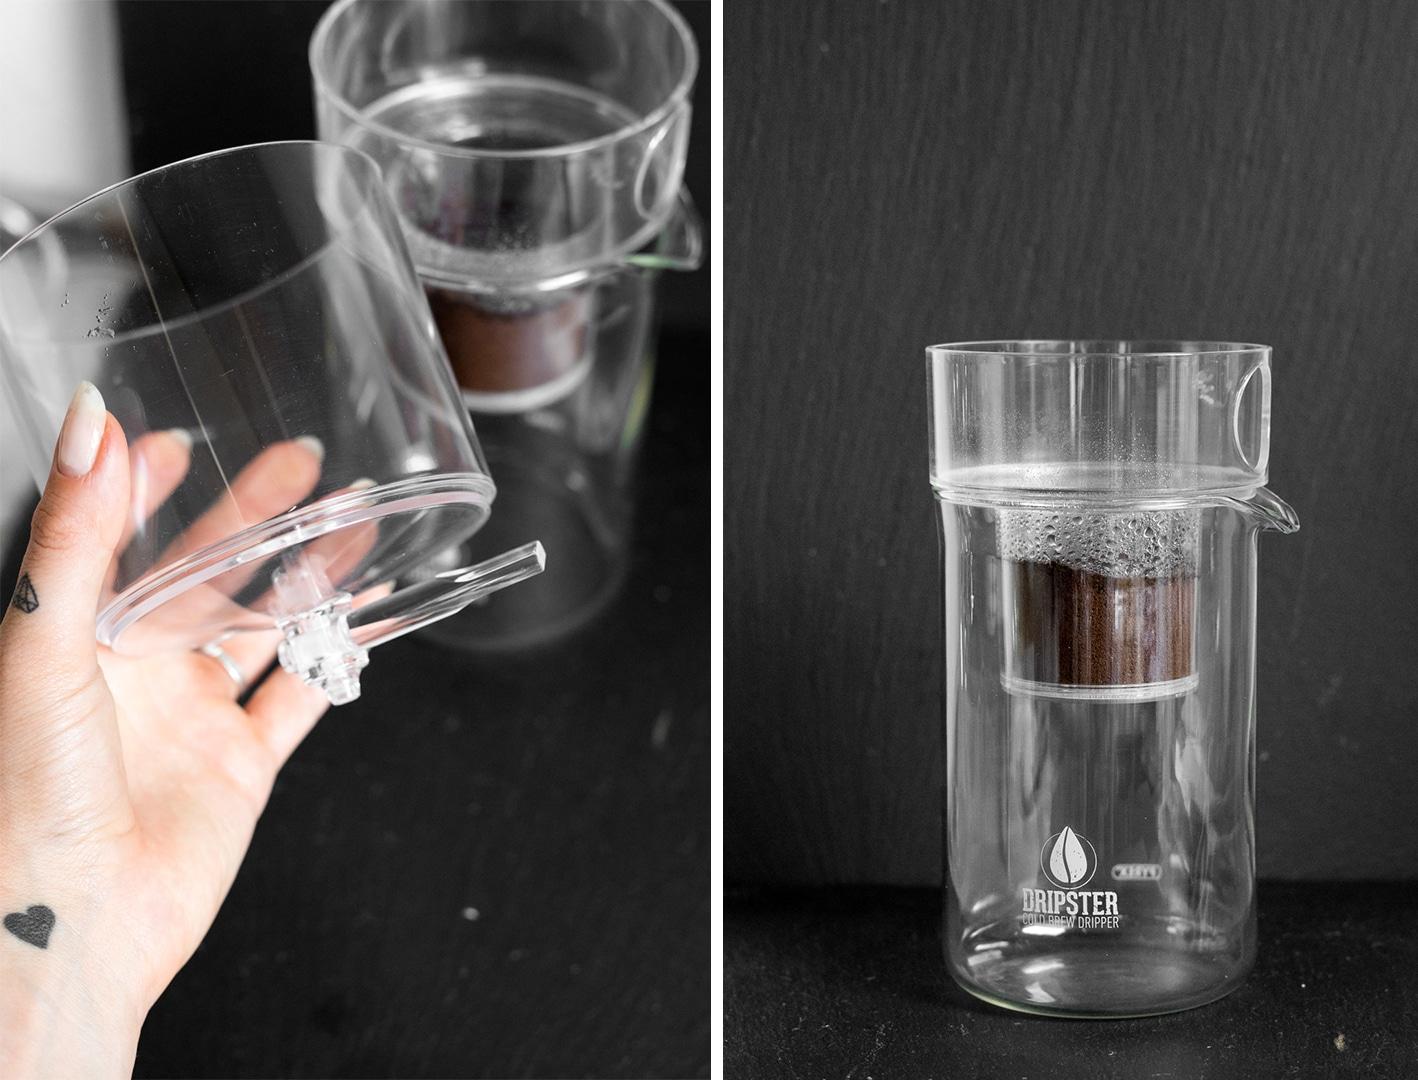 fitnessblog-fitnessblogger-fitness-blog-blogger-stuttgart-dreamteamfitness-cold-brew-coffee-kaffee-selbst-gemacht-kalt-gebrühter-kaffee